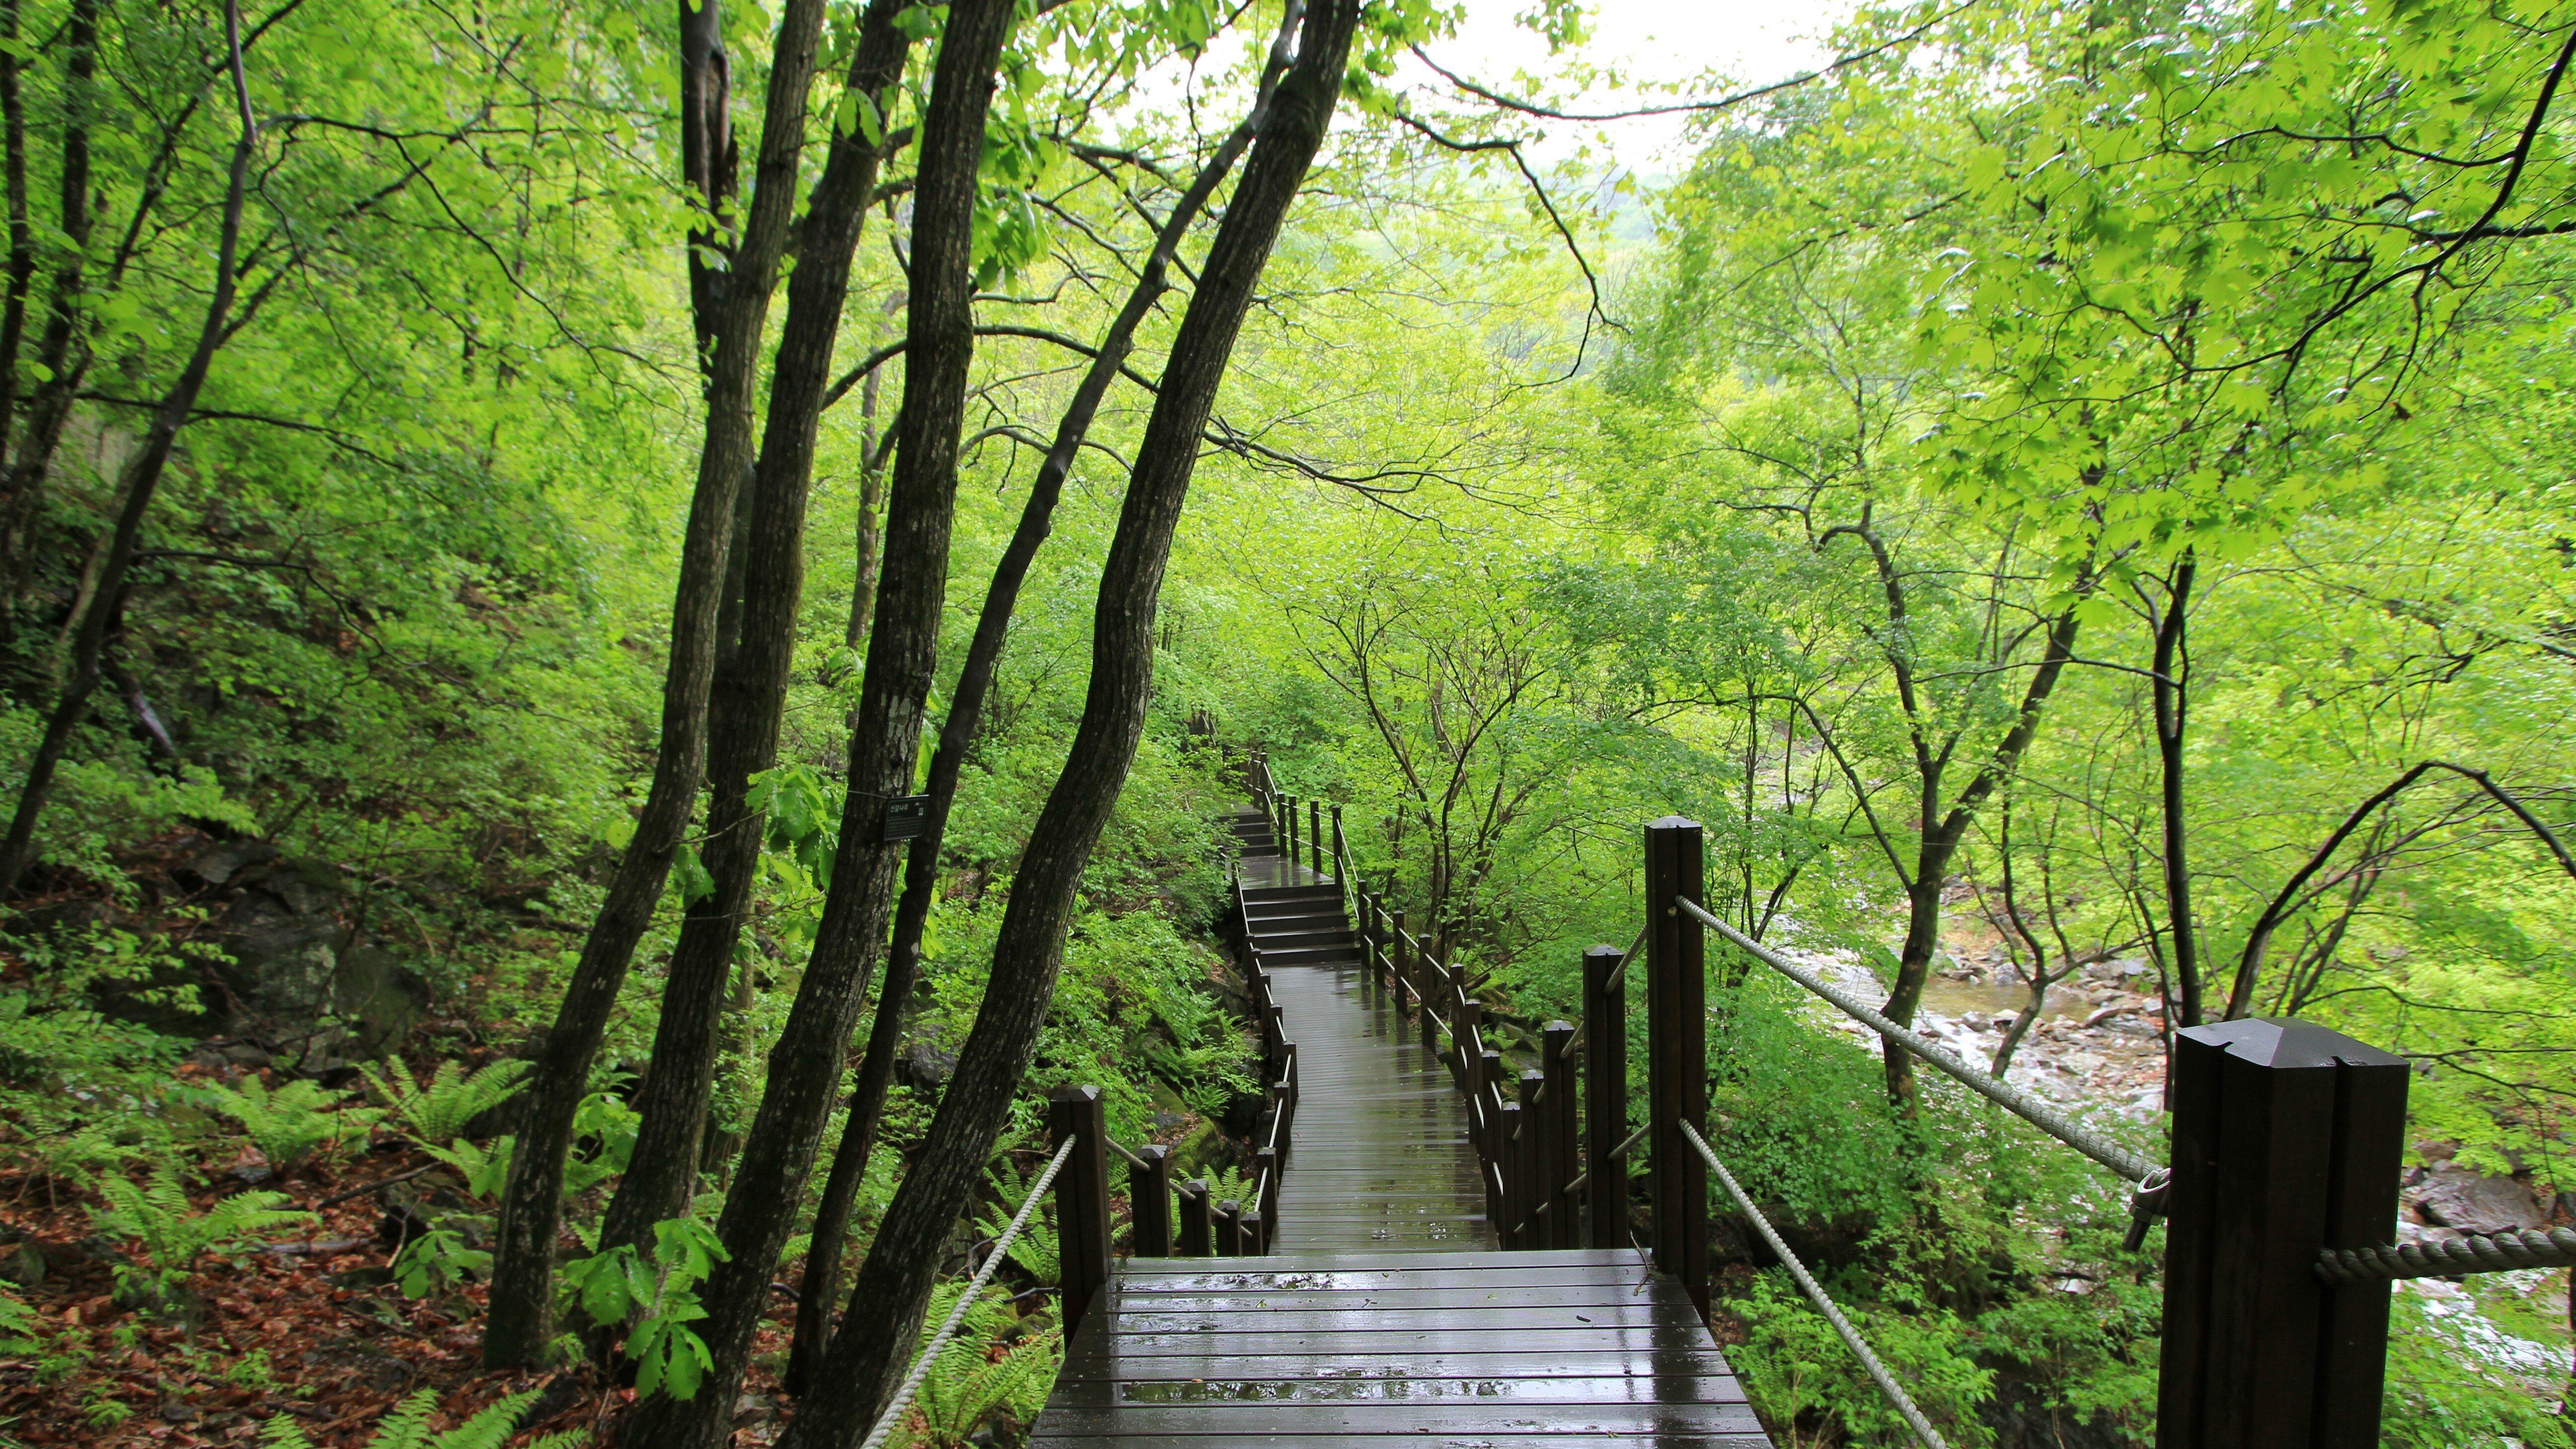 강씨봉자연휴양림 산책로(봄)